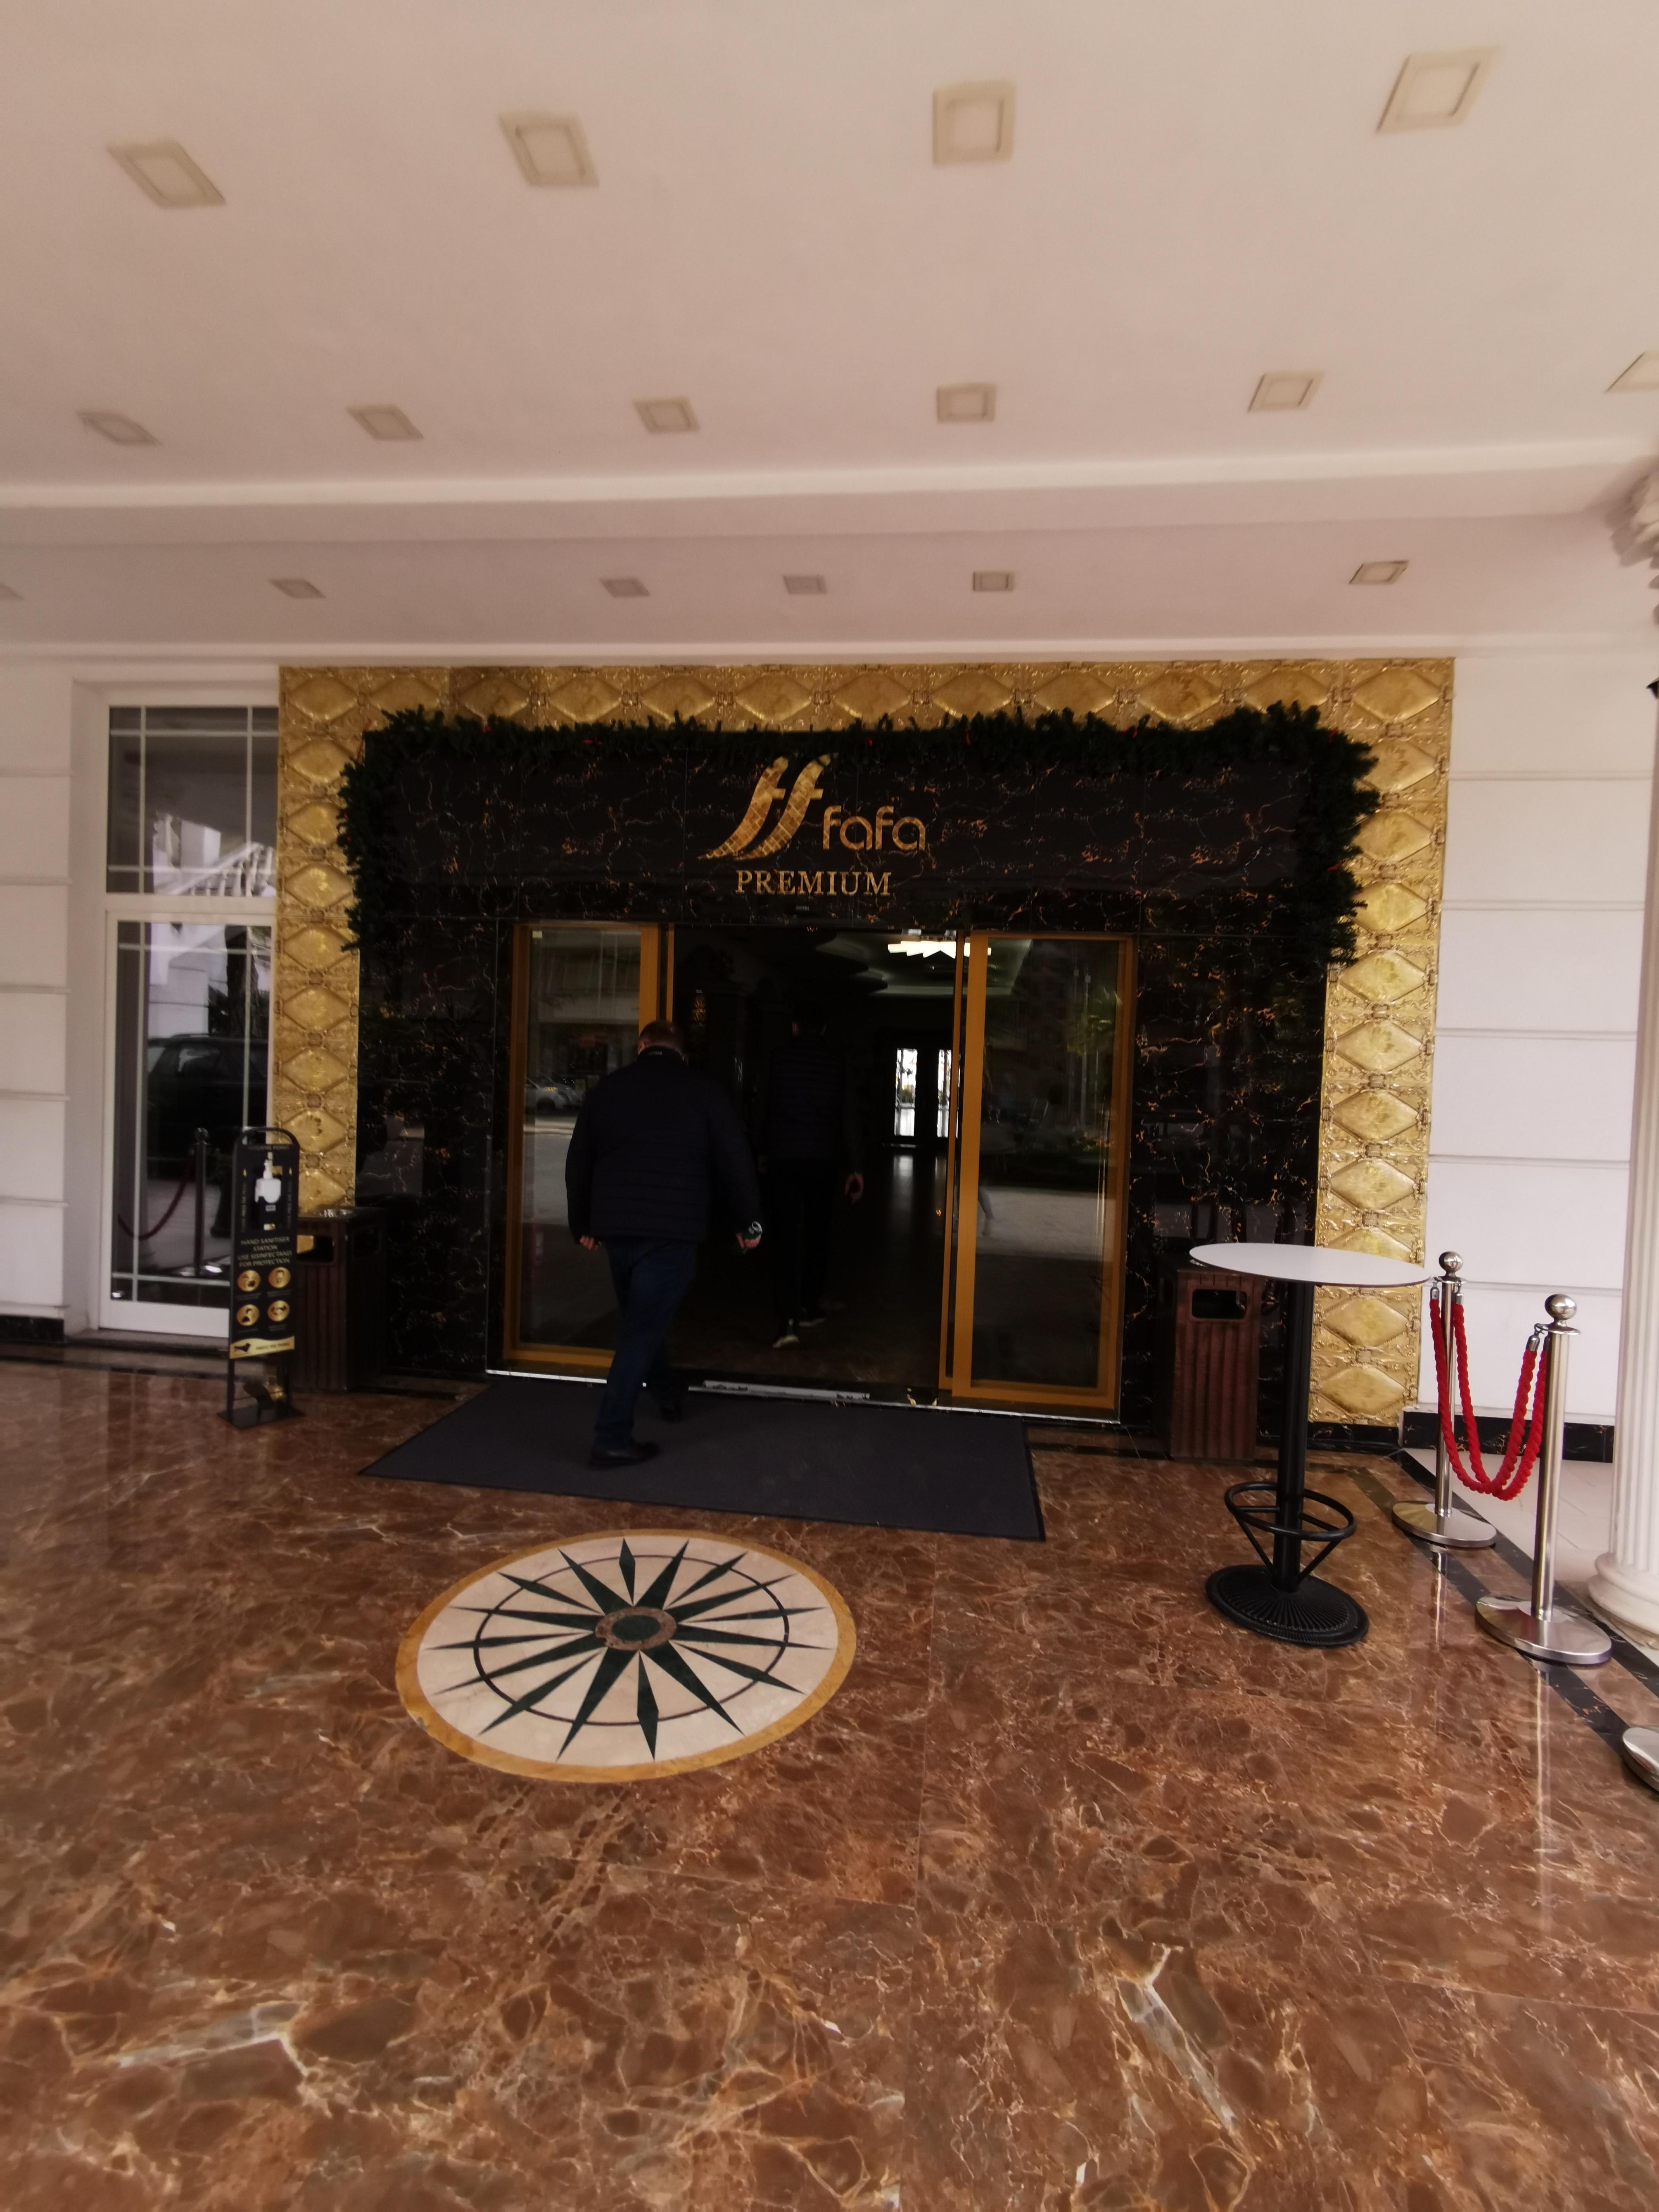 Letovanje Albanija autobusom, Drač, Hotel Fafa Premium,lobi